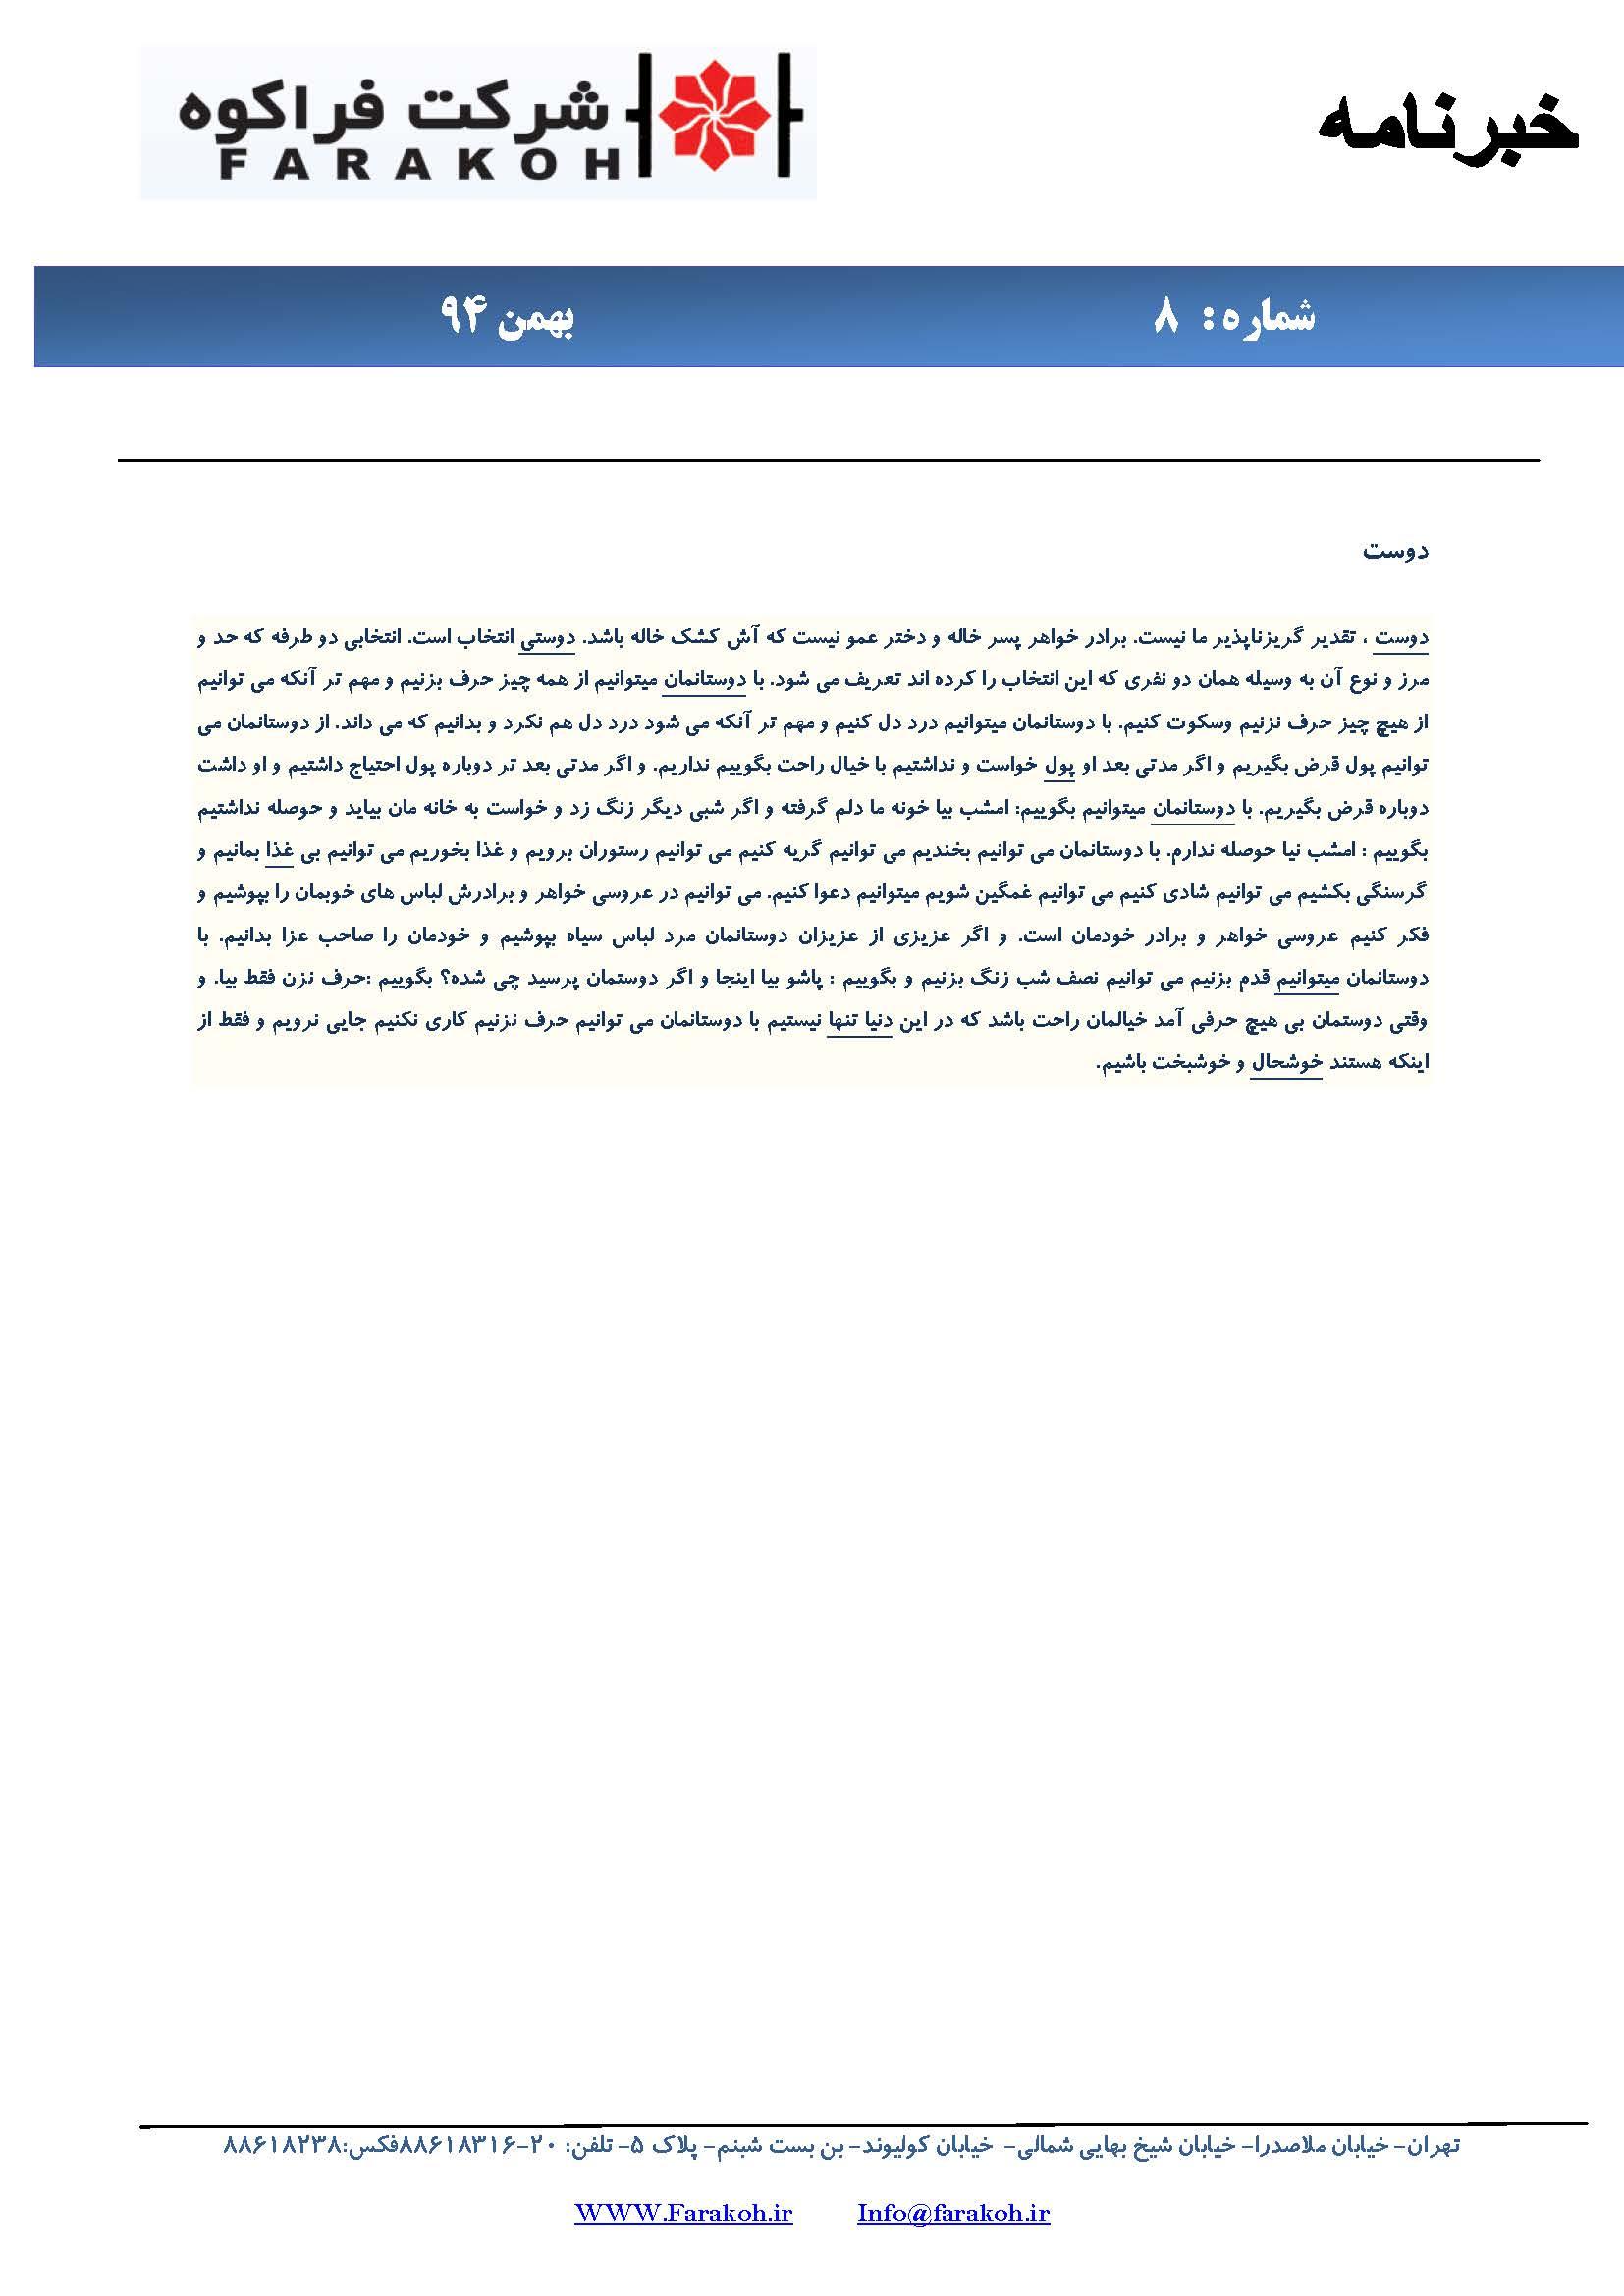 خبرنامه-شماره-۸_Page_5